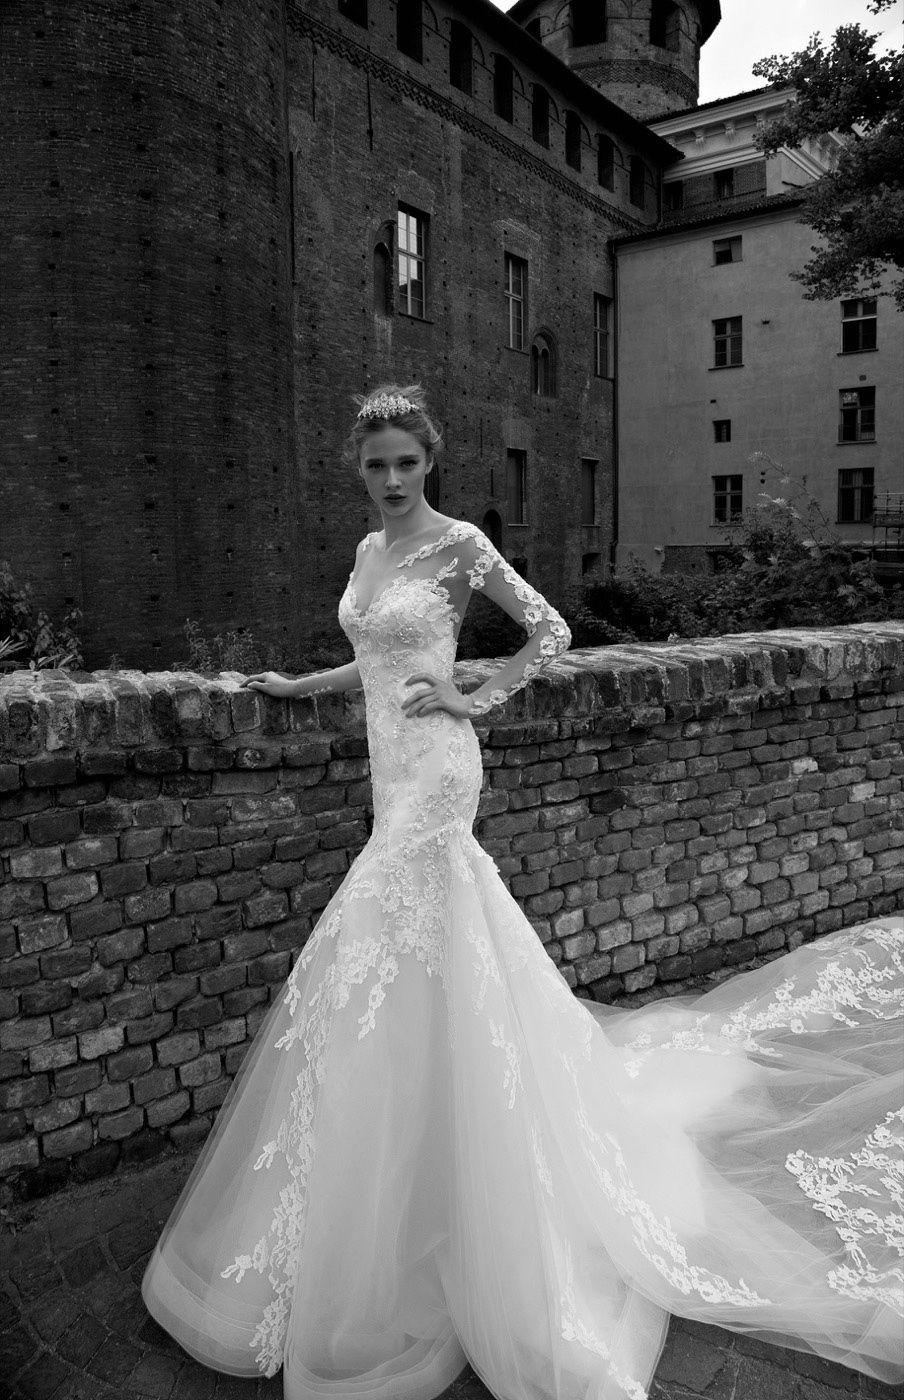 Moda sposa 2016 - Collezione ALESSANDRARINAUDO. TESSY ARAB16613. Abito da sposa Nicole.